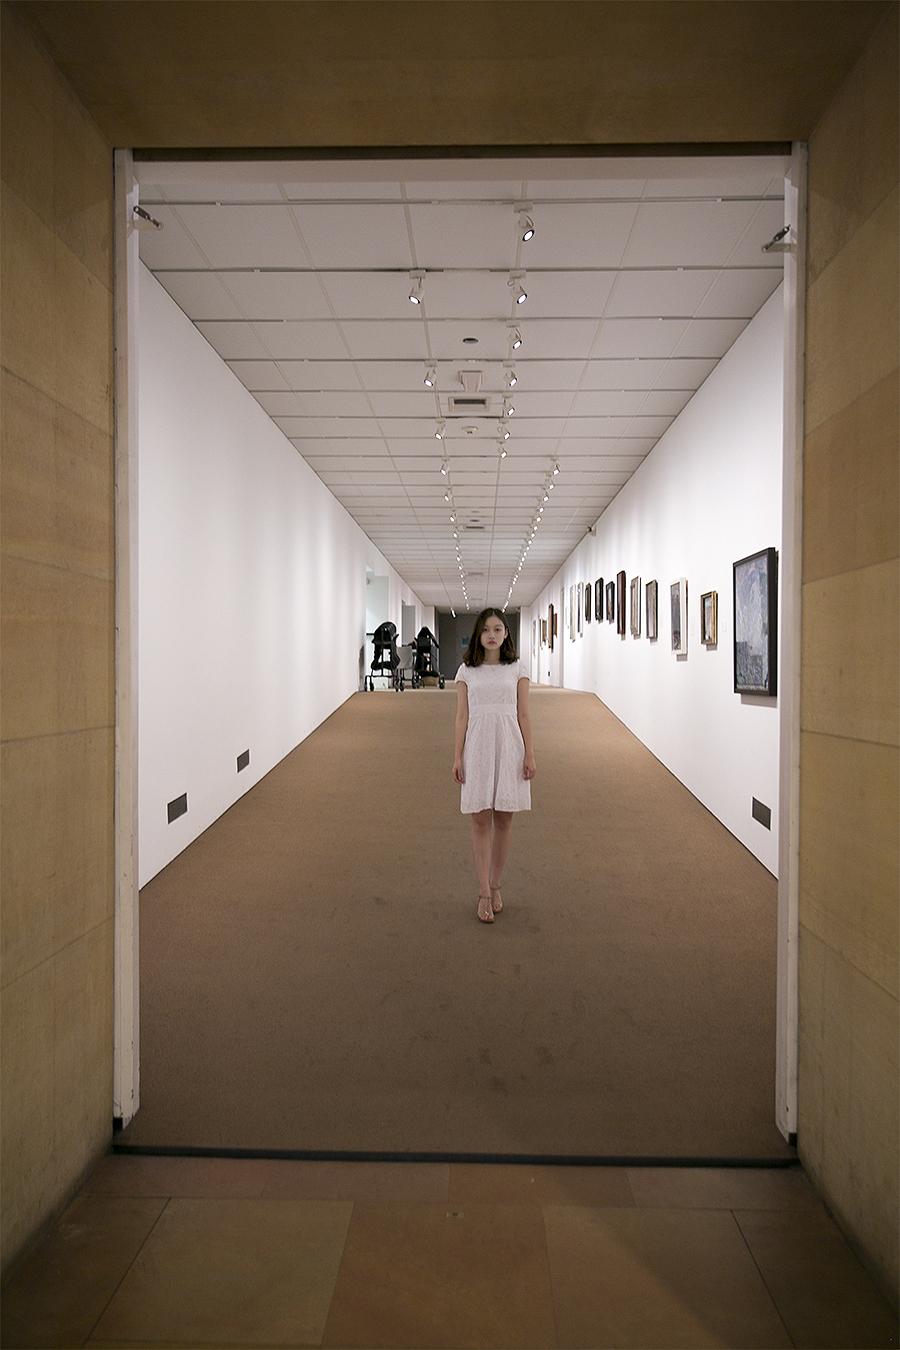 Xiaojun_Tian_Fashion_Photography_Assignment_2_PMA_HallwayWithWhiteWalls_WhiteDress_2_XiaoyeJiang